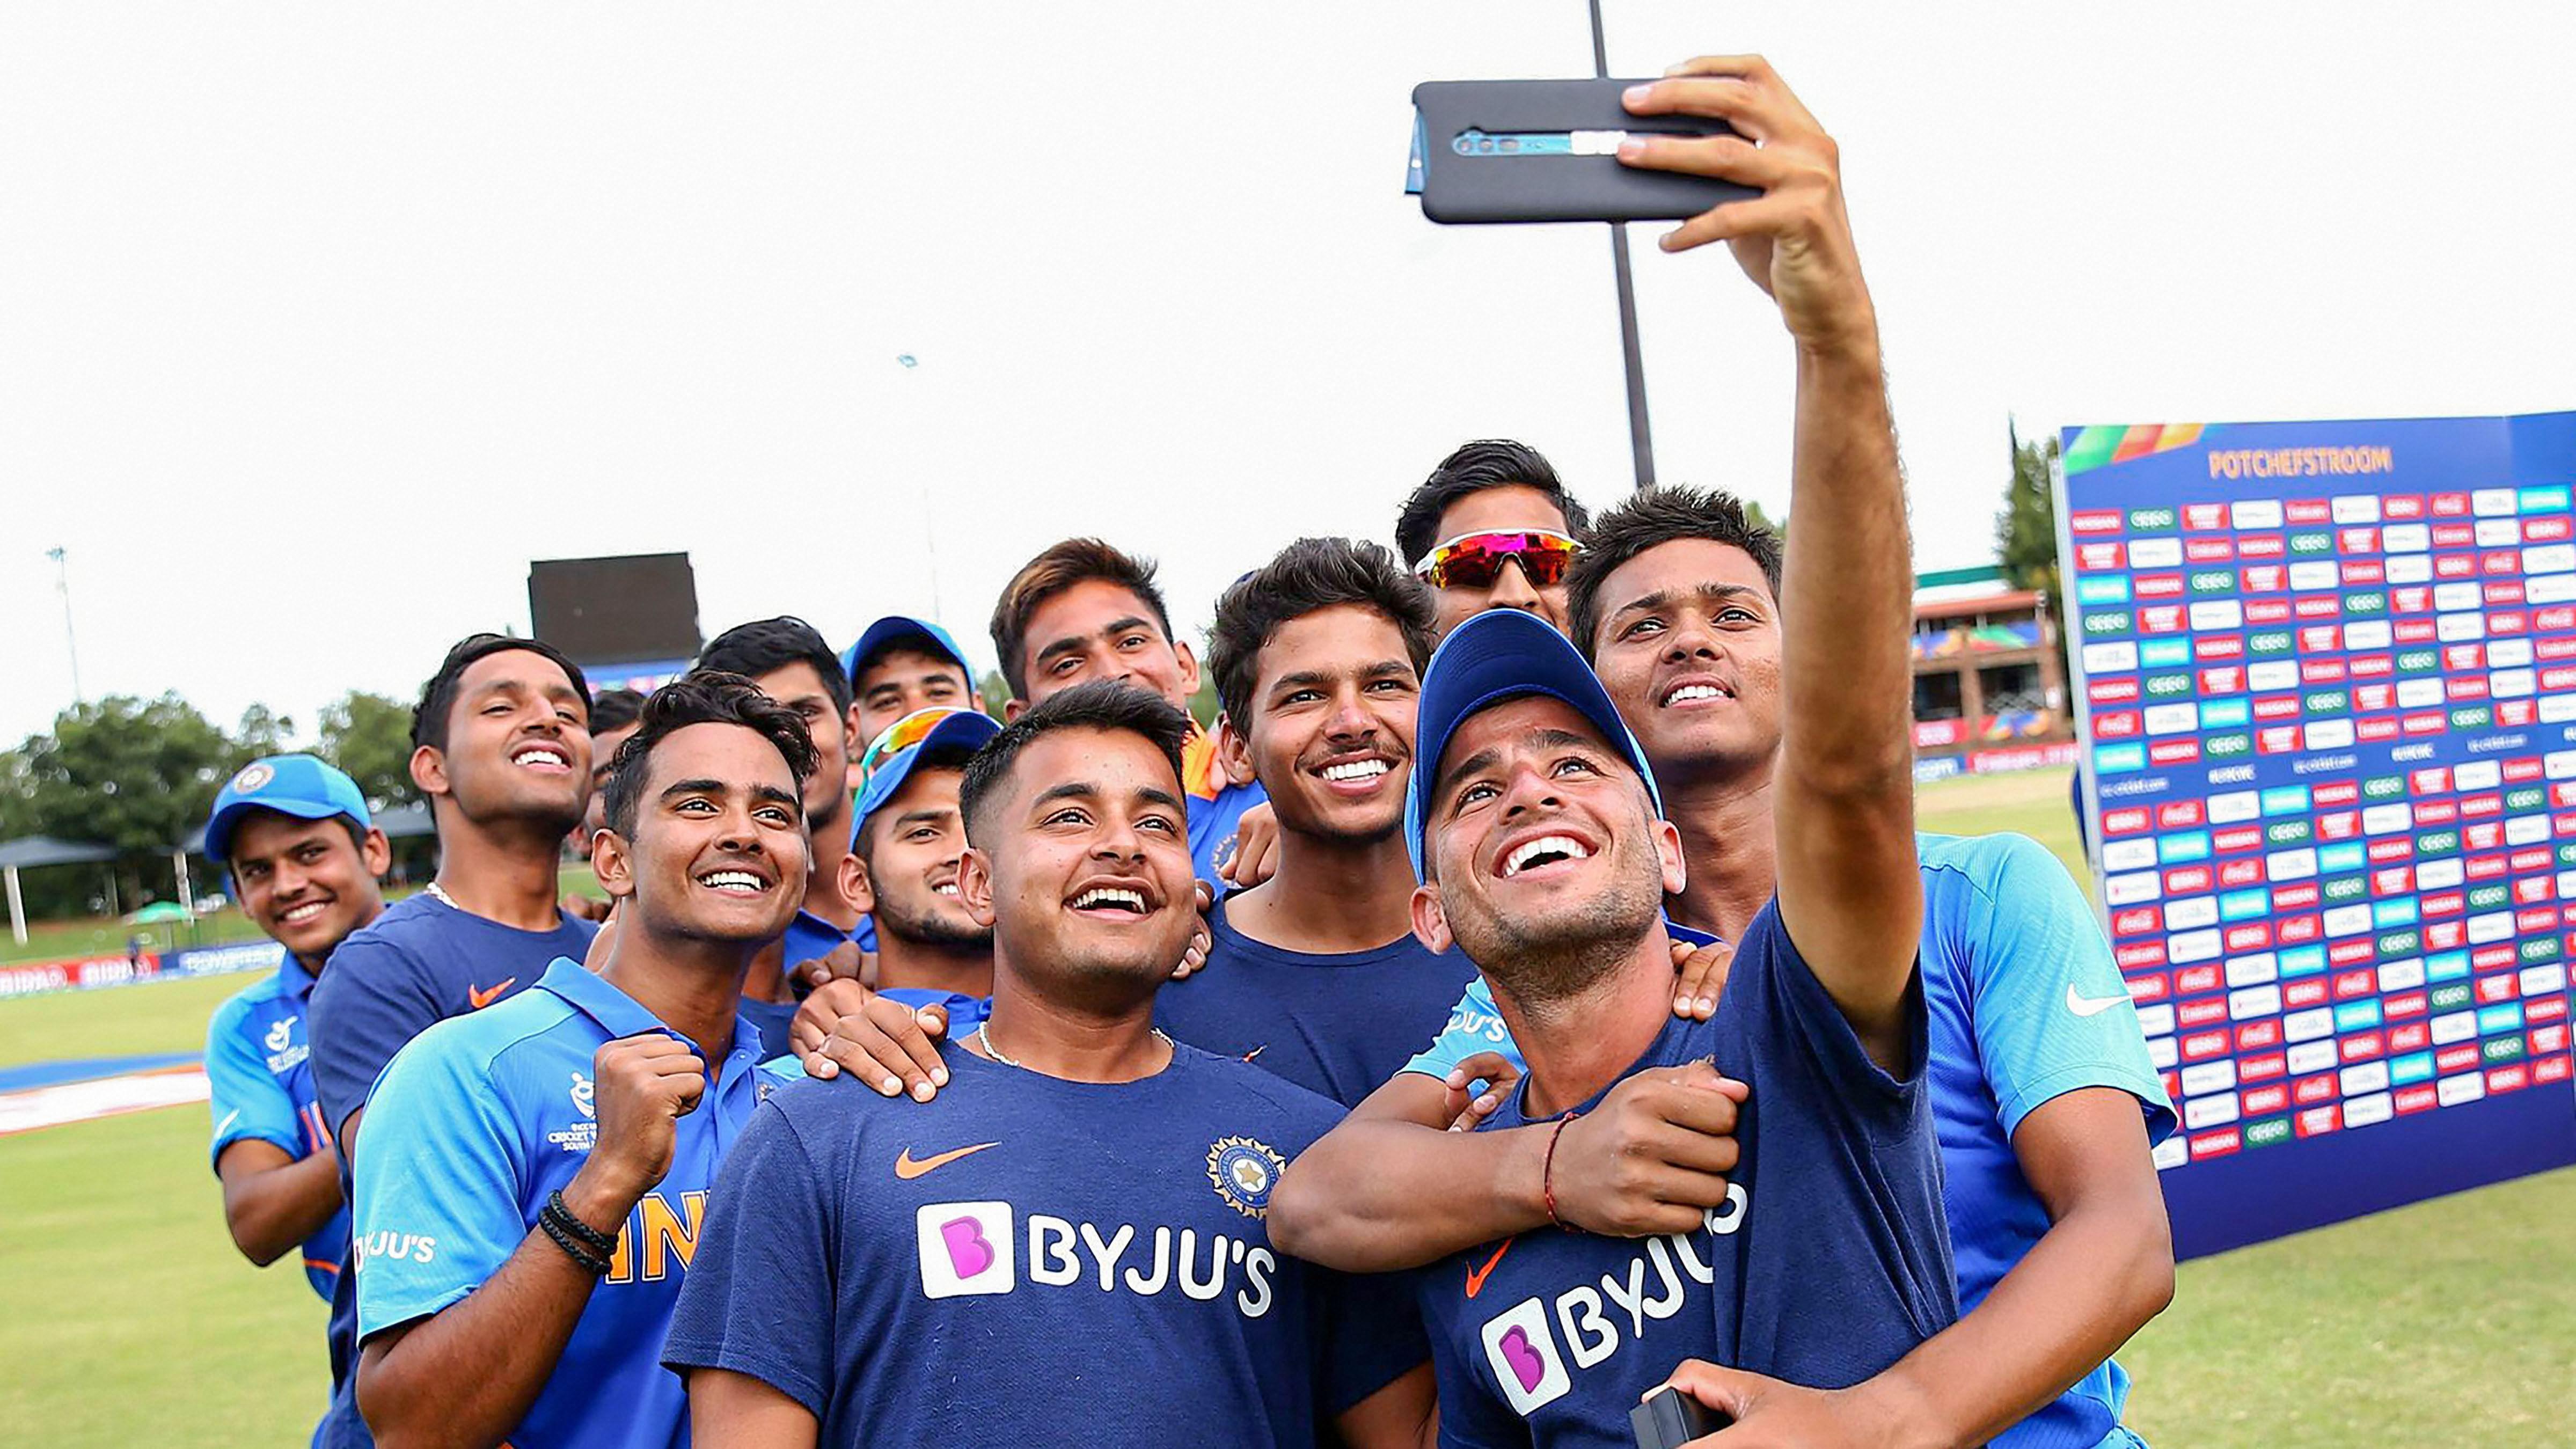 पाकिस्तान को हराने के बाद सेल्फी लेते भारतीय खिलाड़ी.